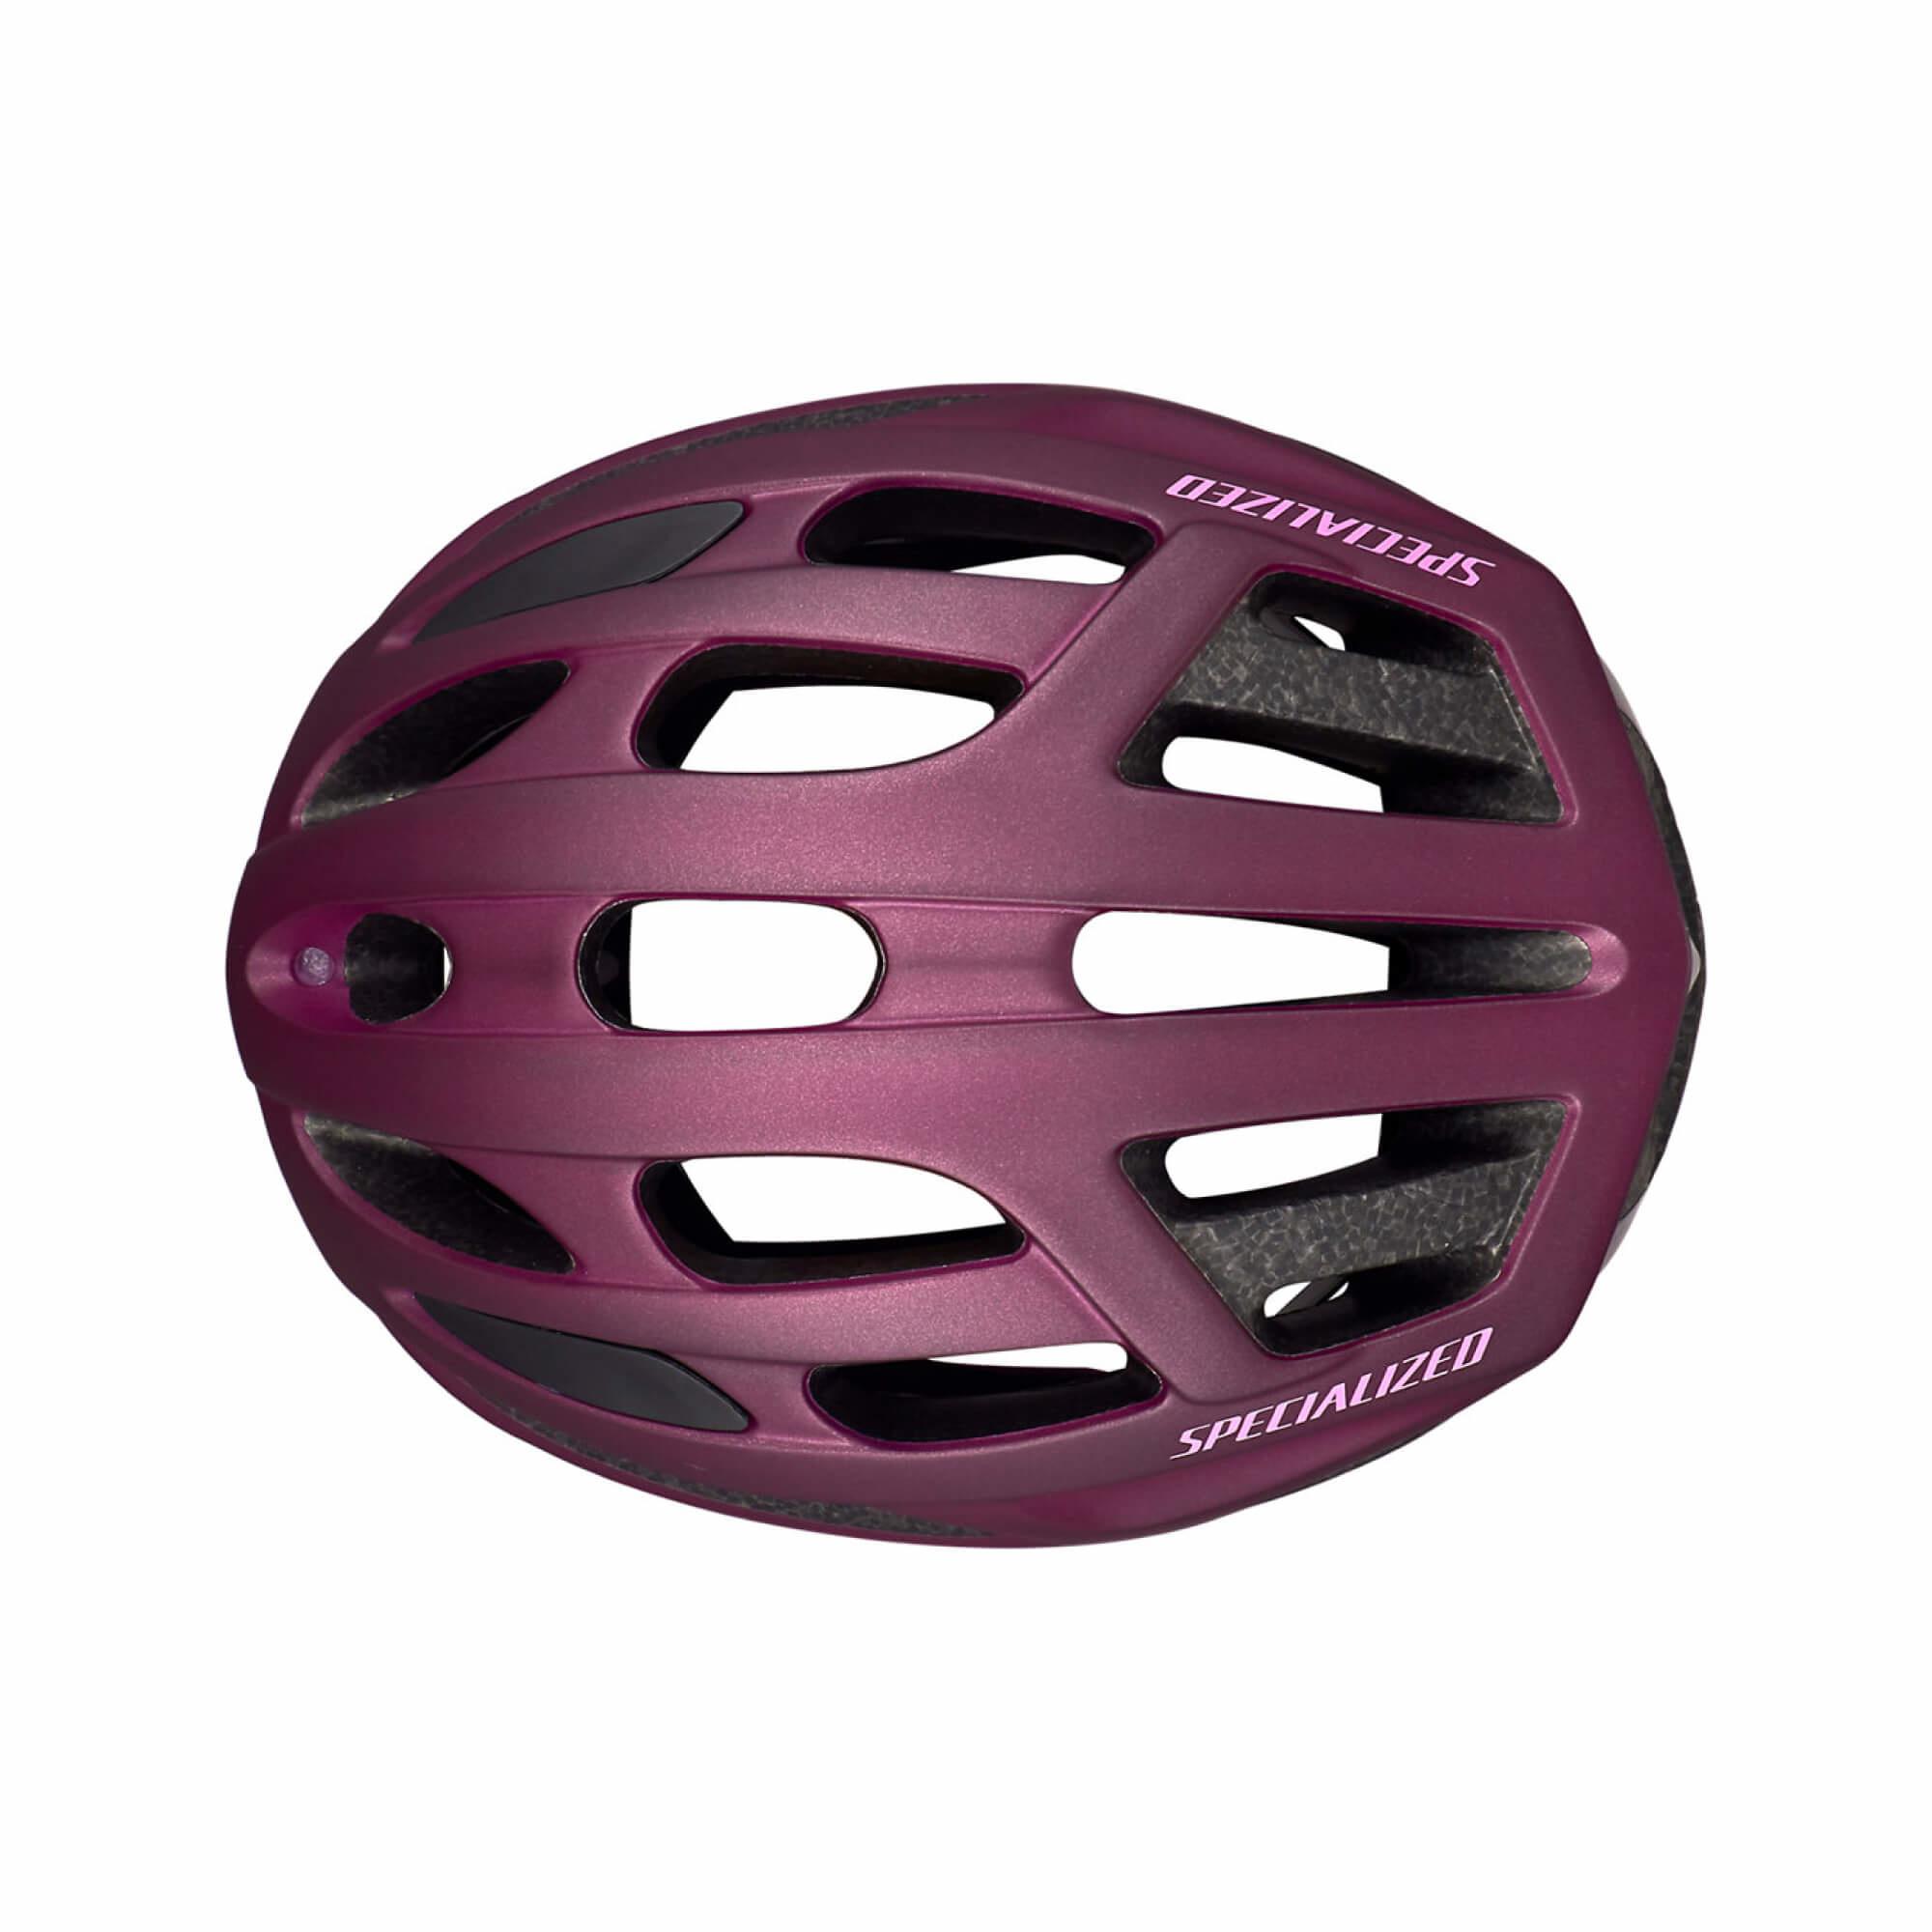 Align Helmet-6